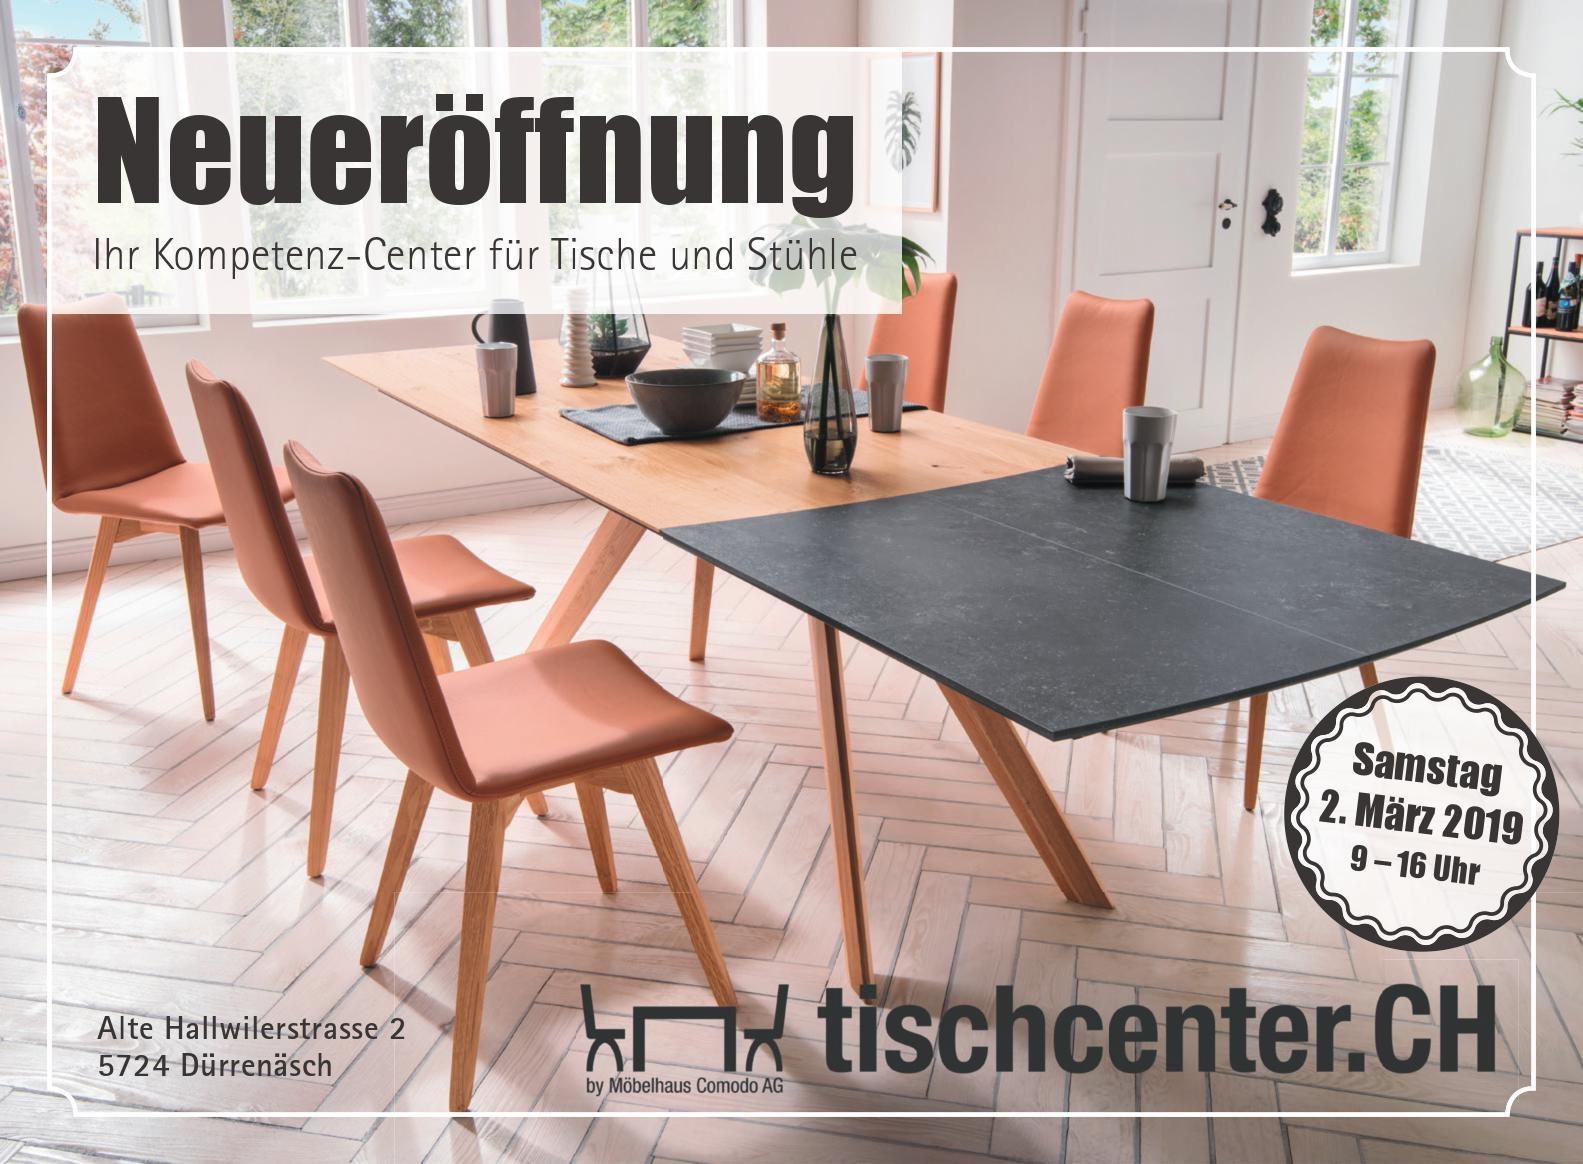 Tischcenterchmöbelhaus Comodo 5724 Dürrenäsch Ihr Massivholz Fachmann